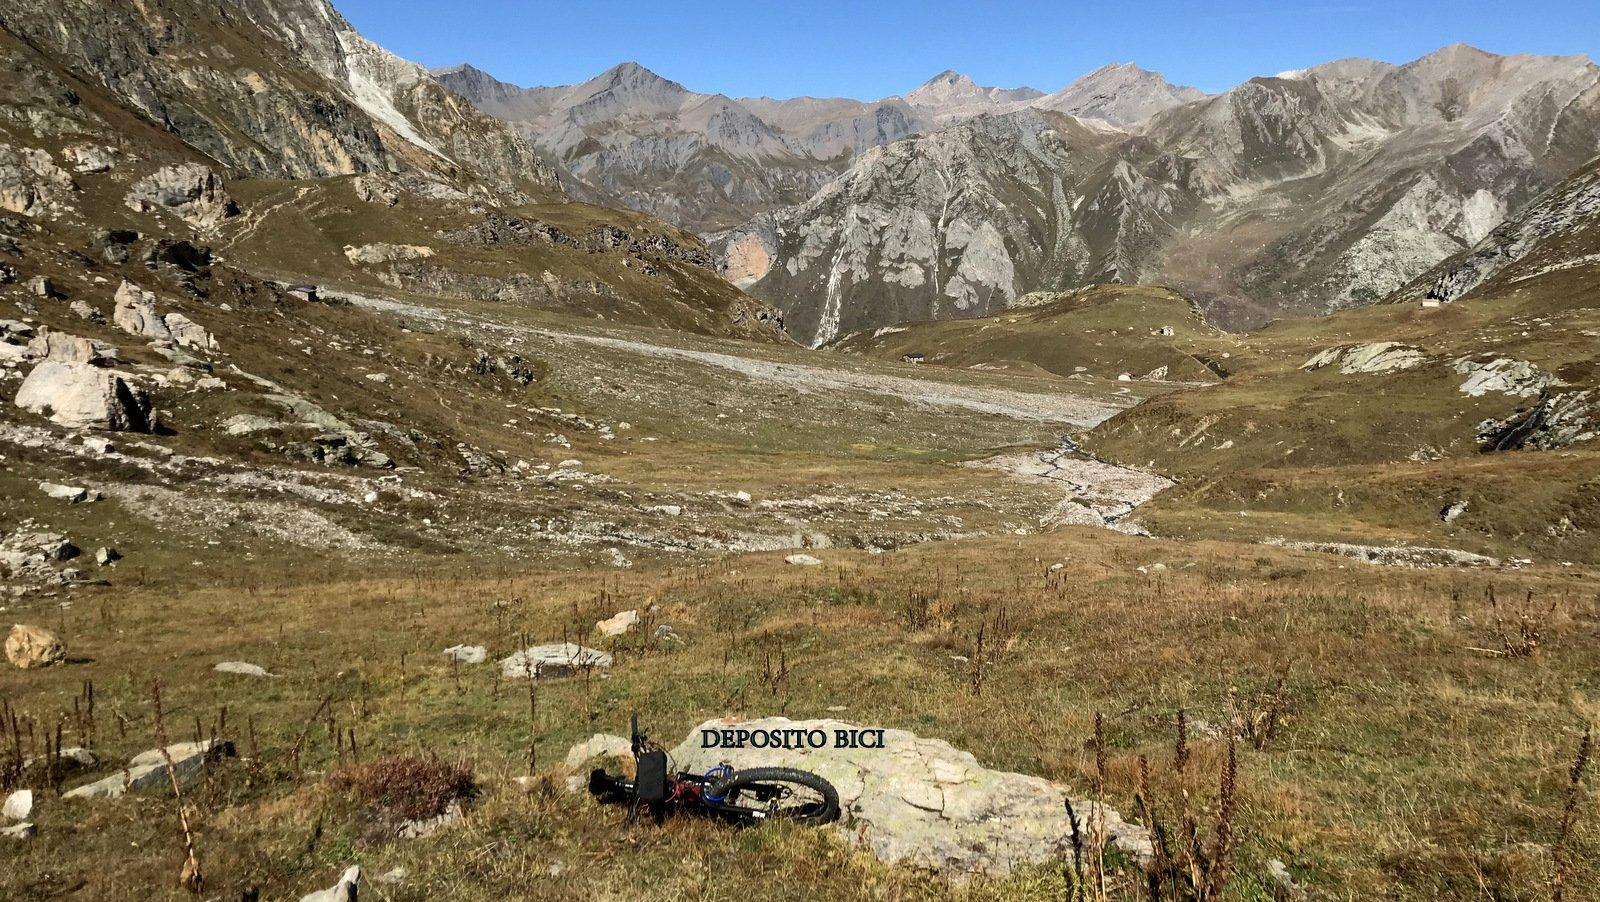 Deposito bici a 2400 mt